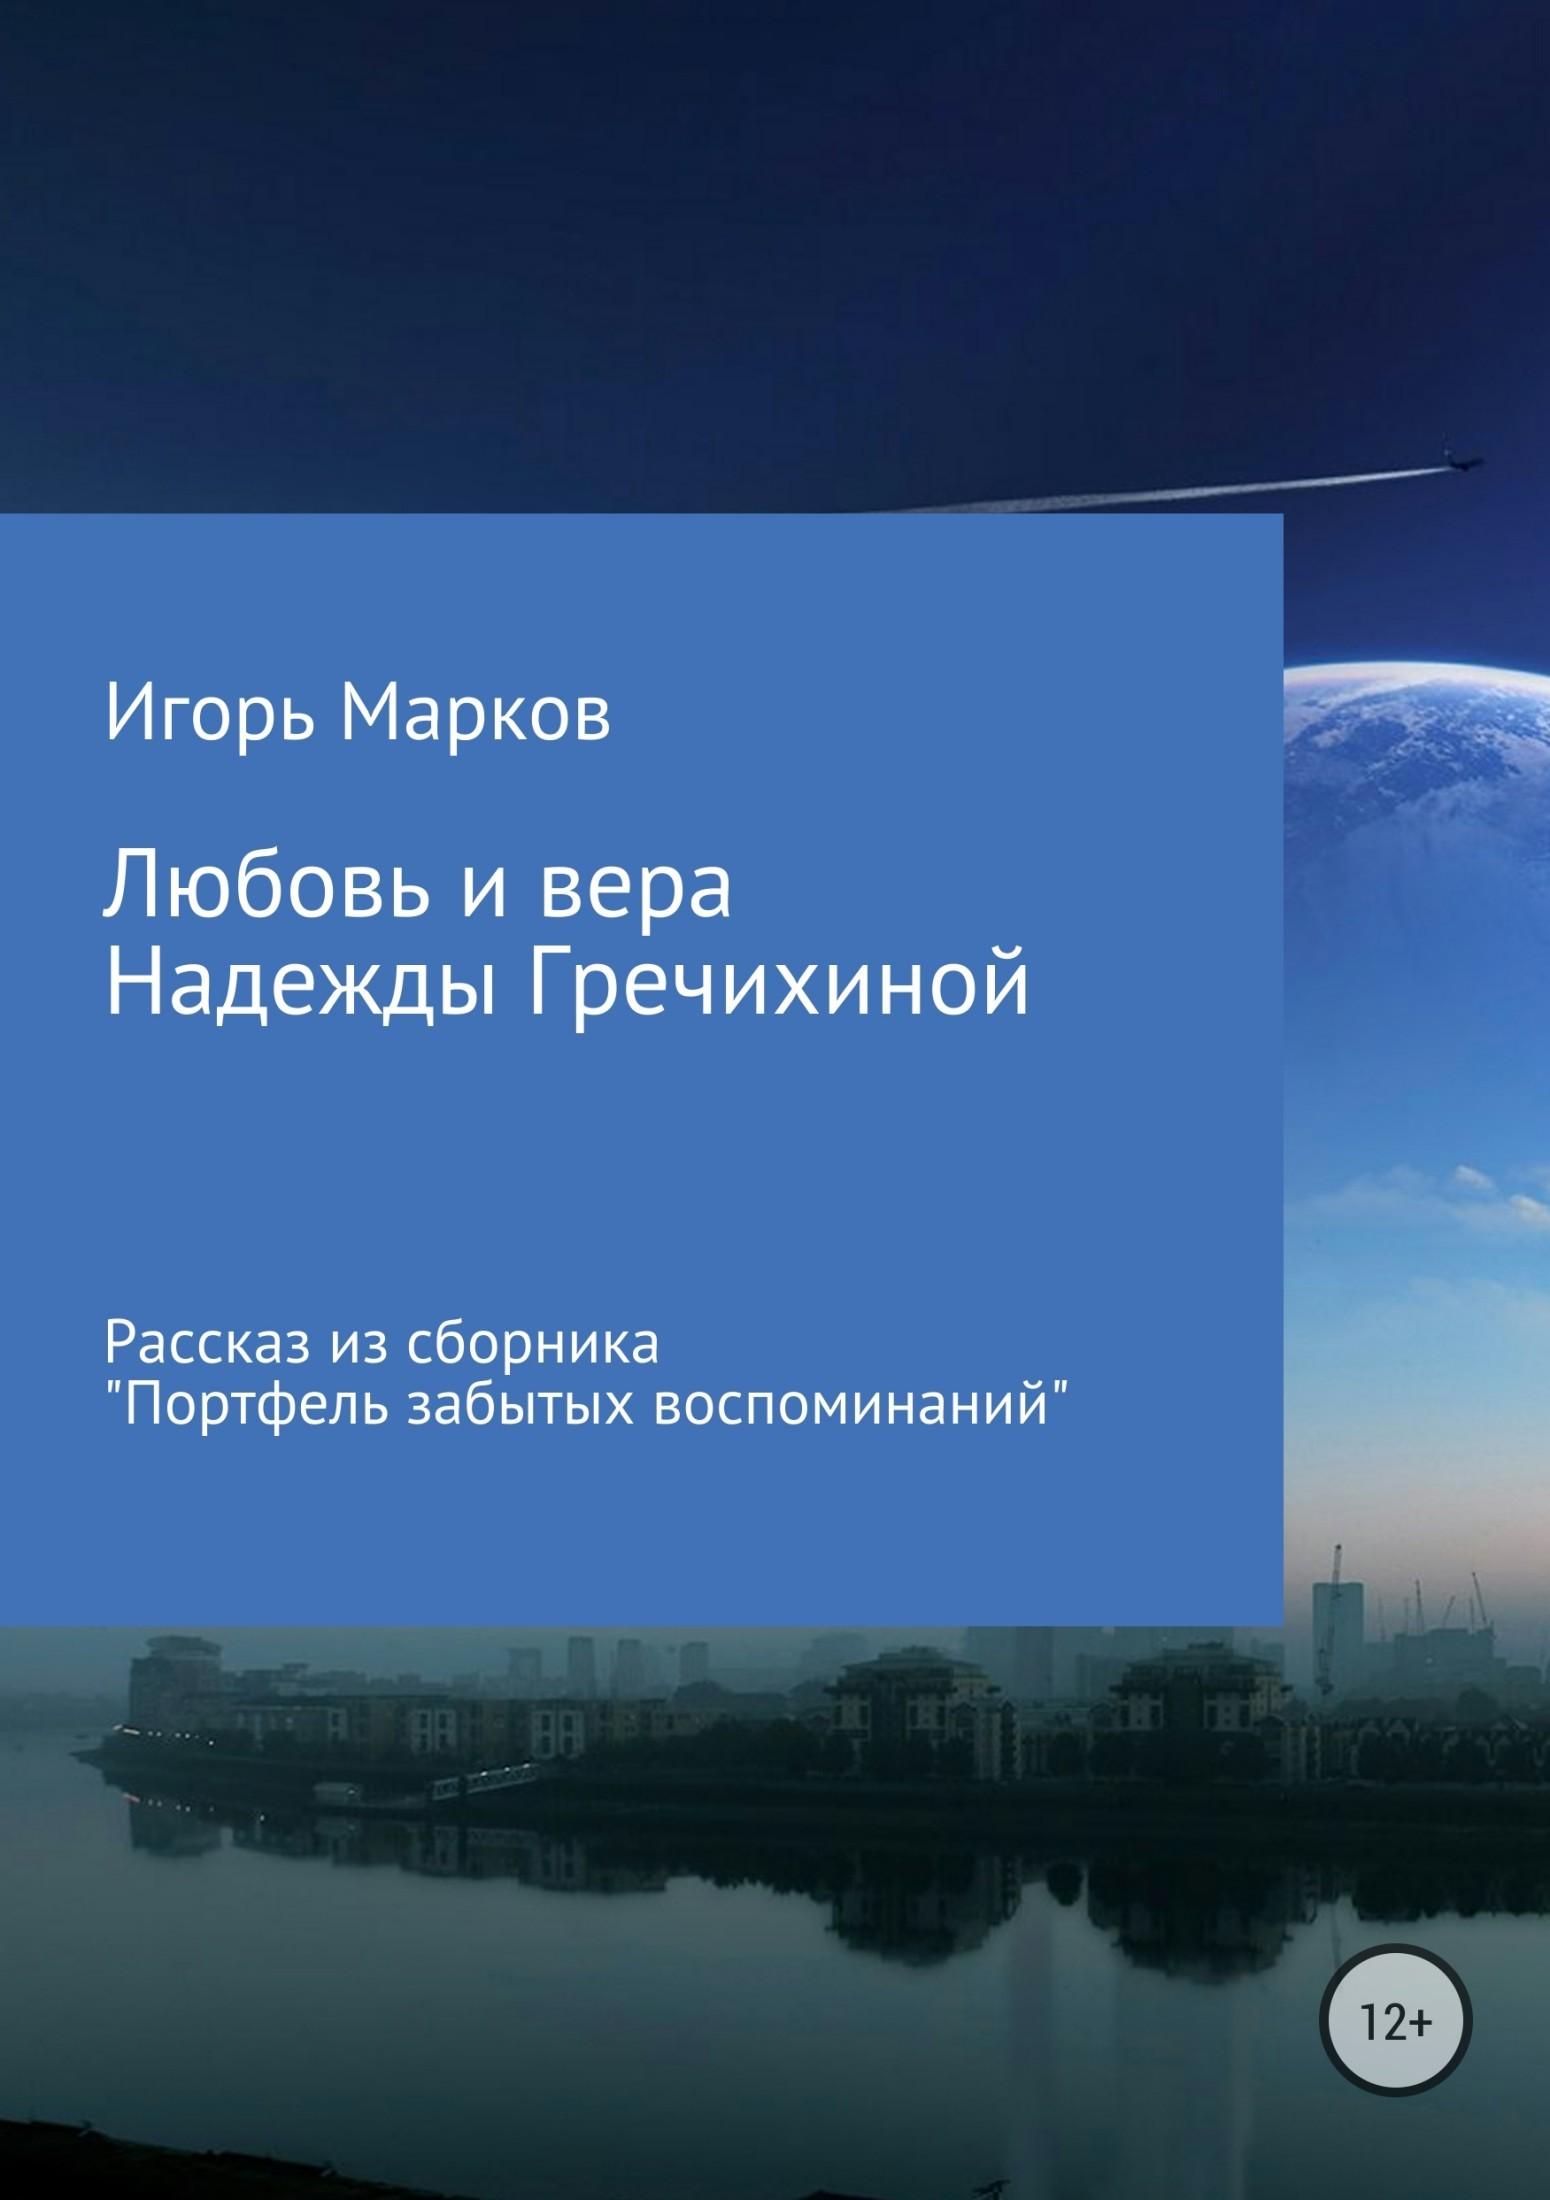 Игорь Владимирович Марков. Любовь и вера Надежды Гречихиной